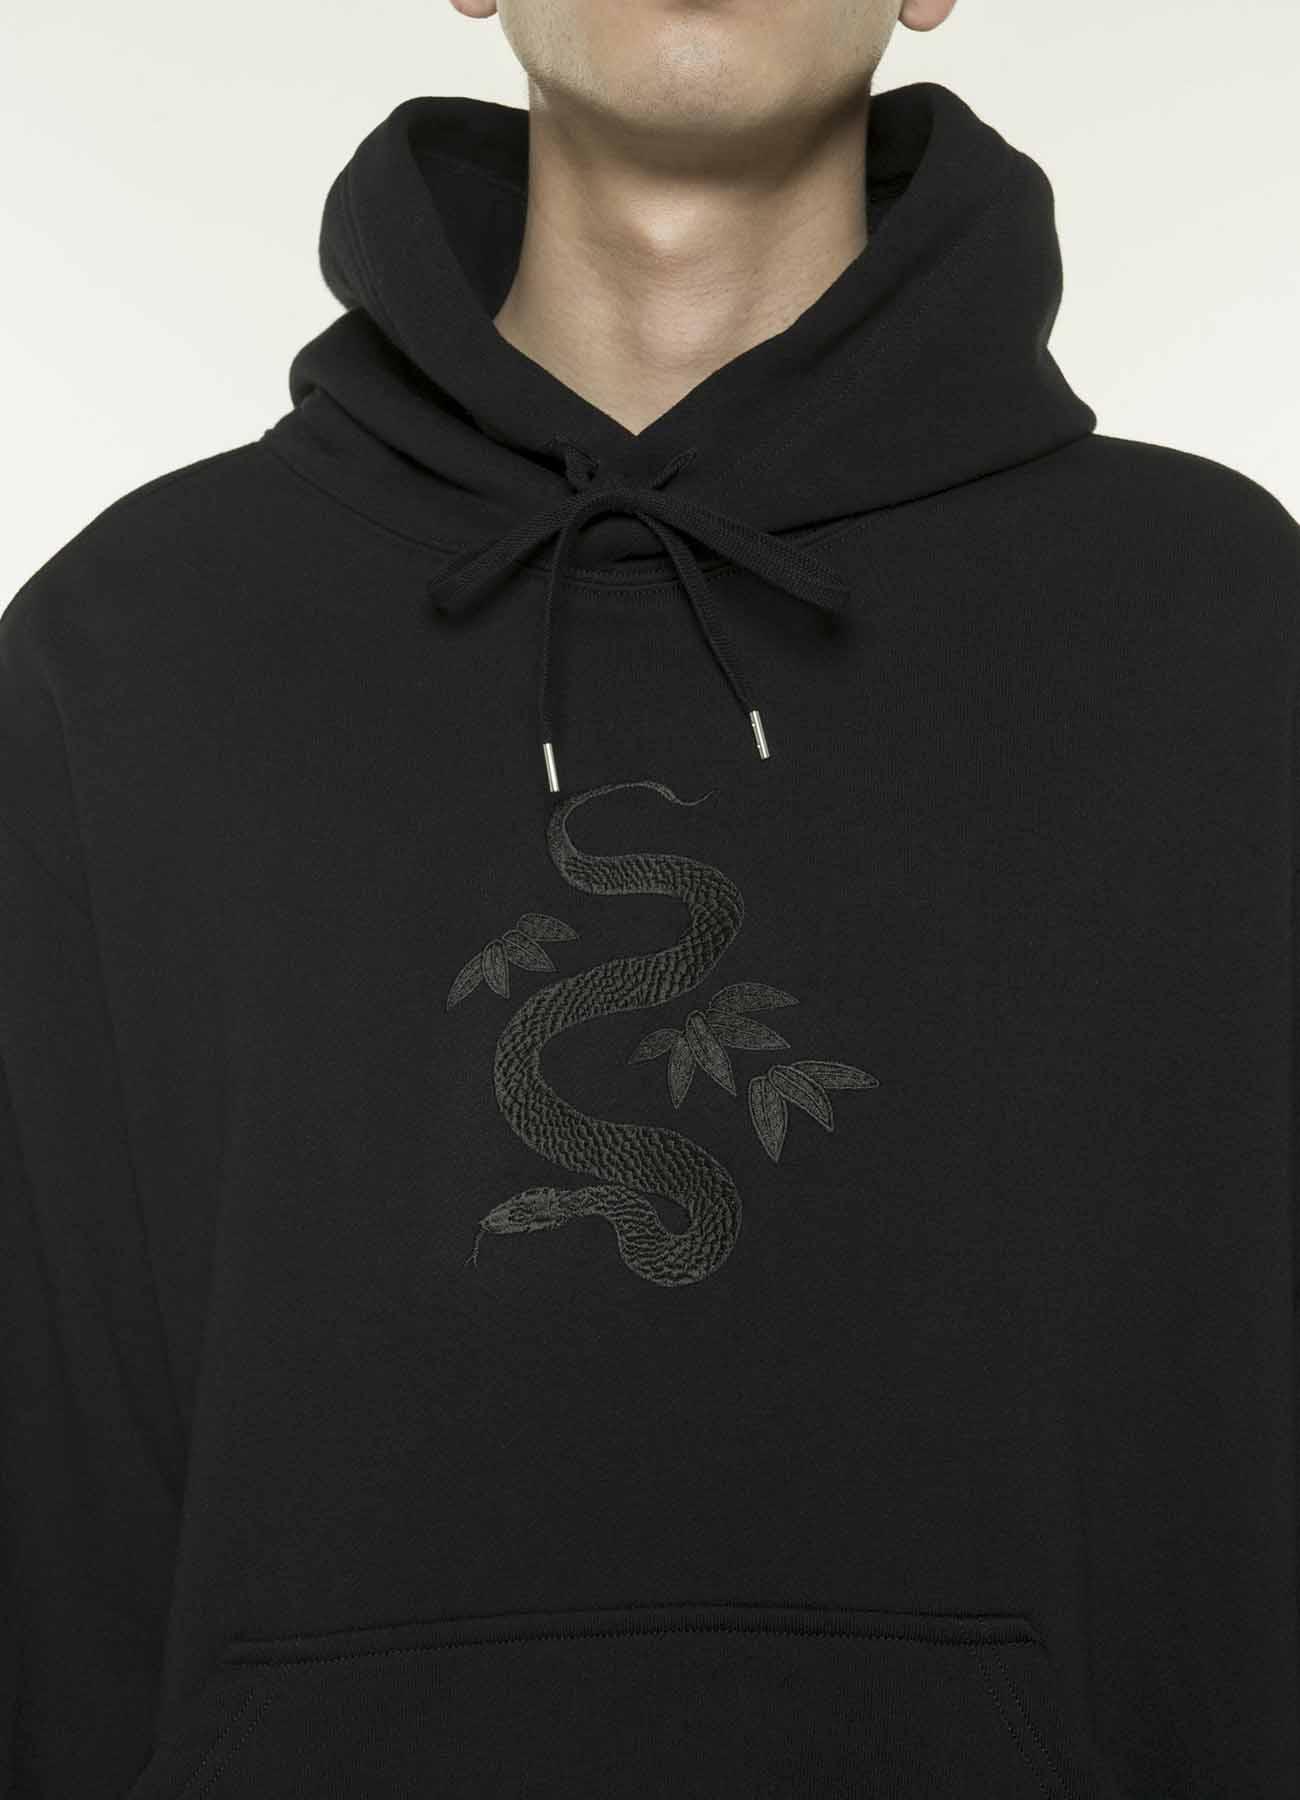 """《格林童话》""""三片蛇叶""""刺绣图案帽衫"""